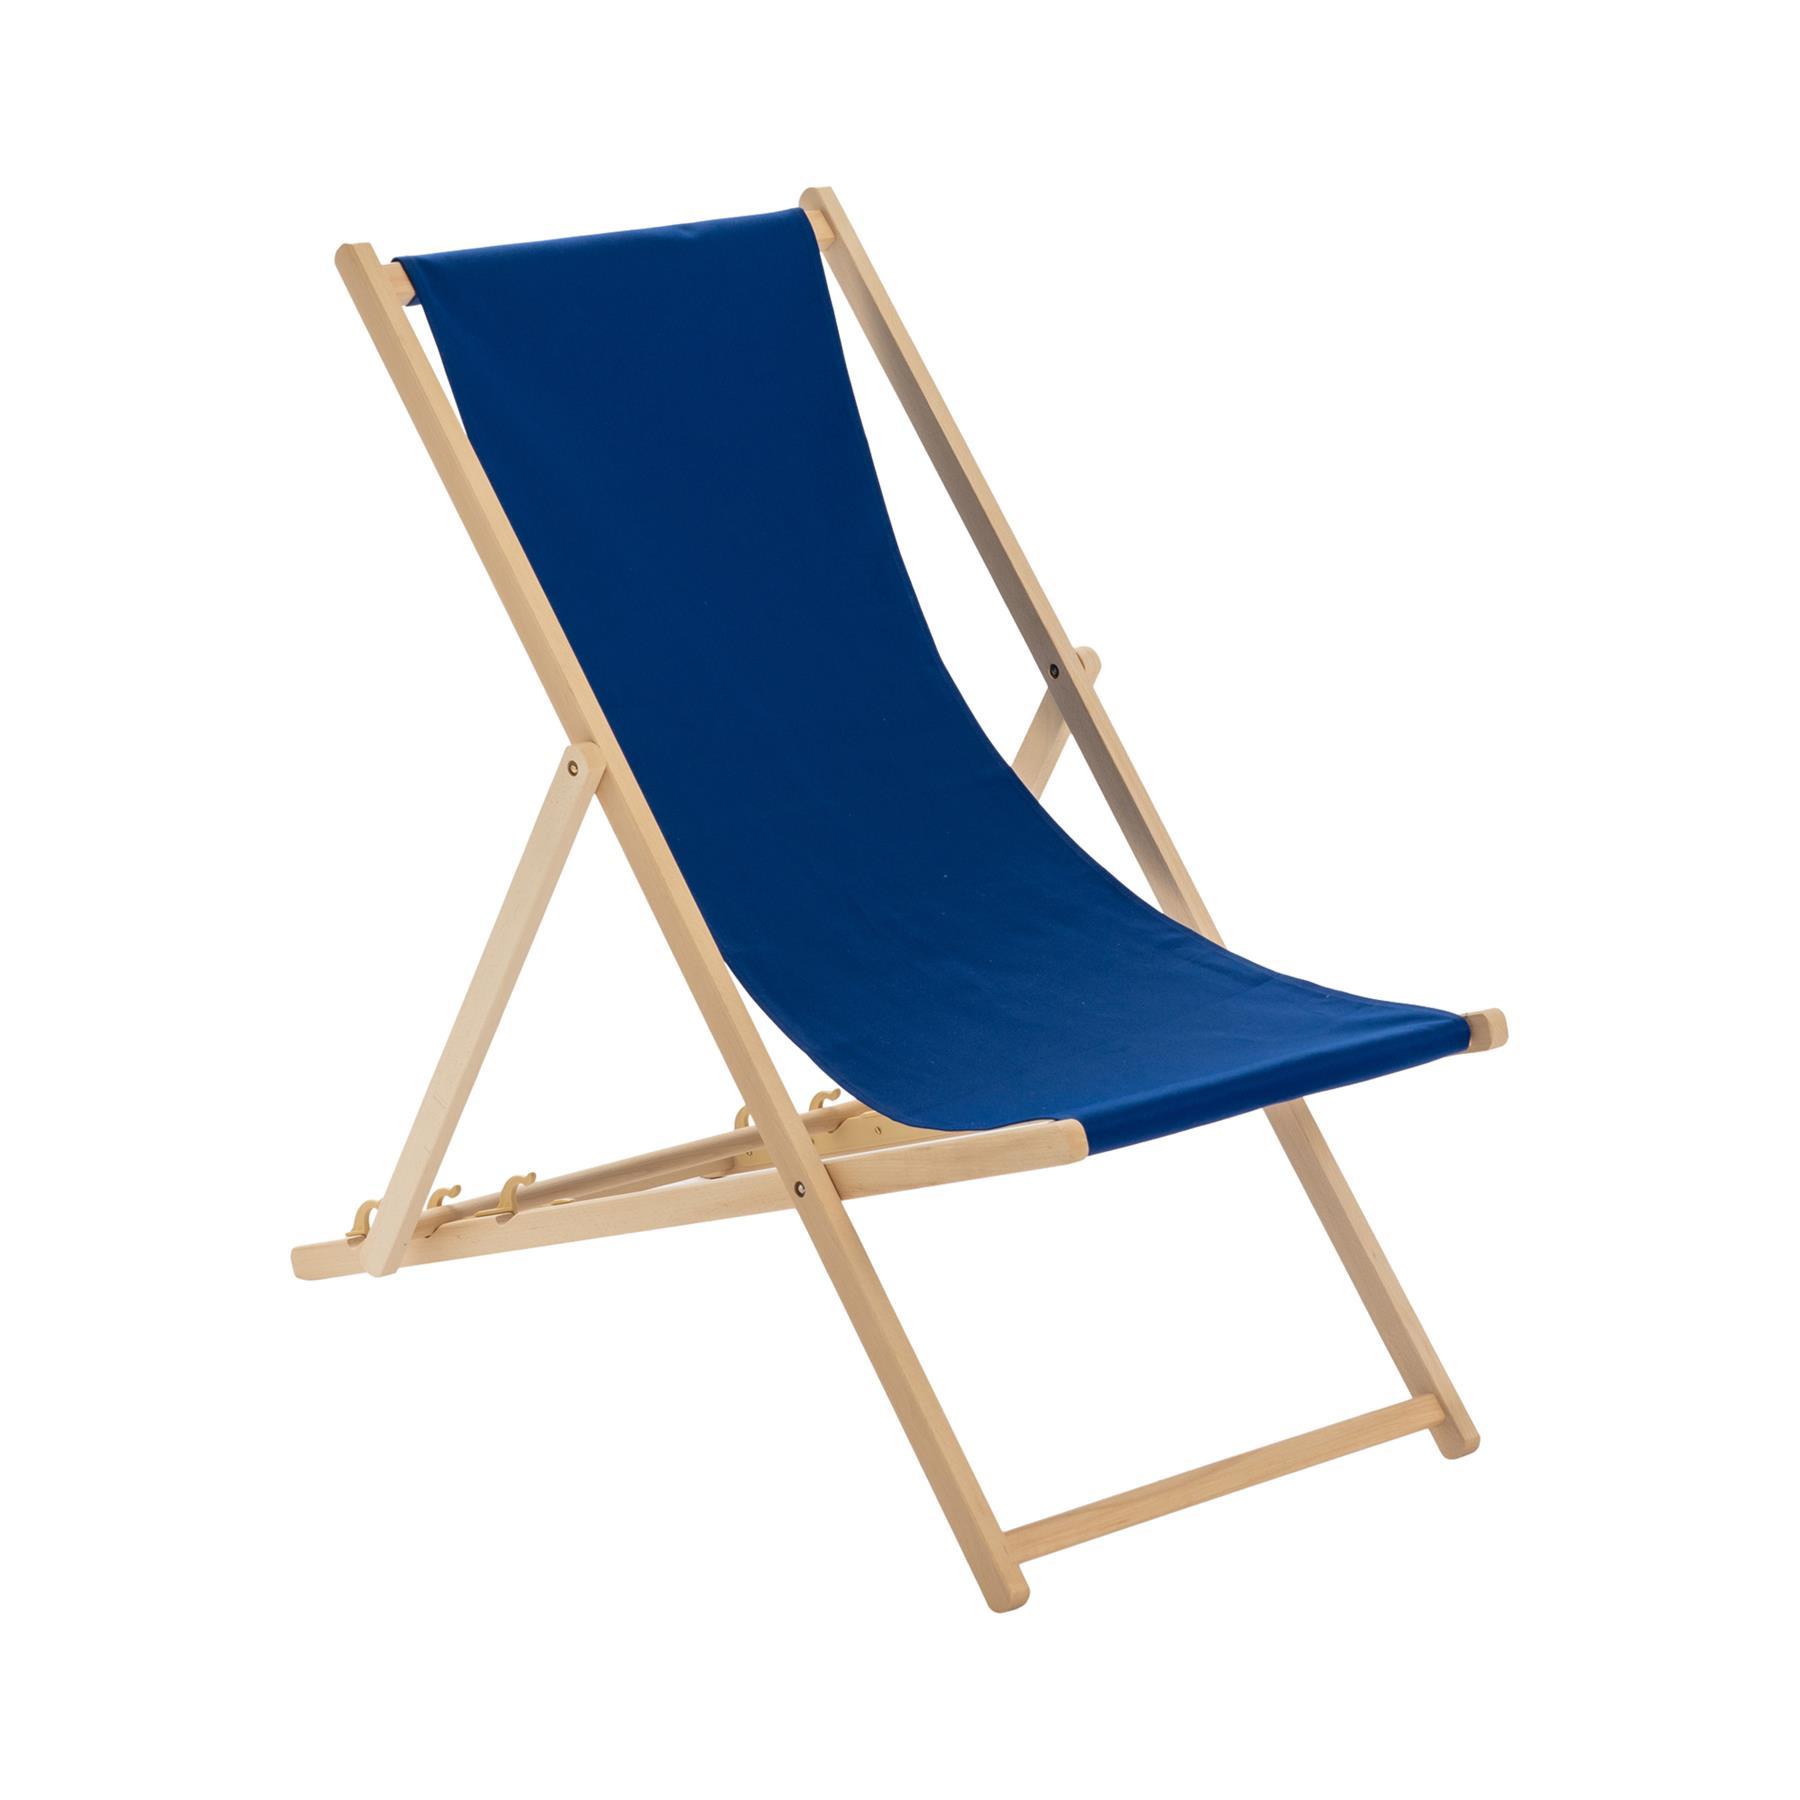 details sur traditionnelle pliante chaise longue en bois jardin plage mer pont chaise bleu